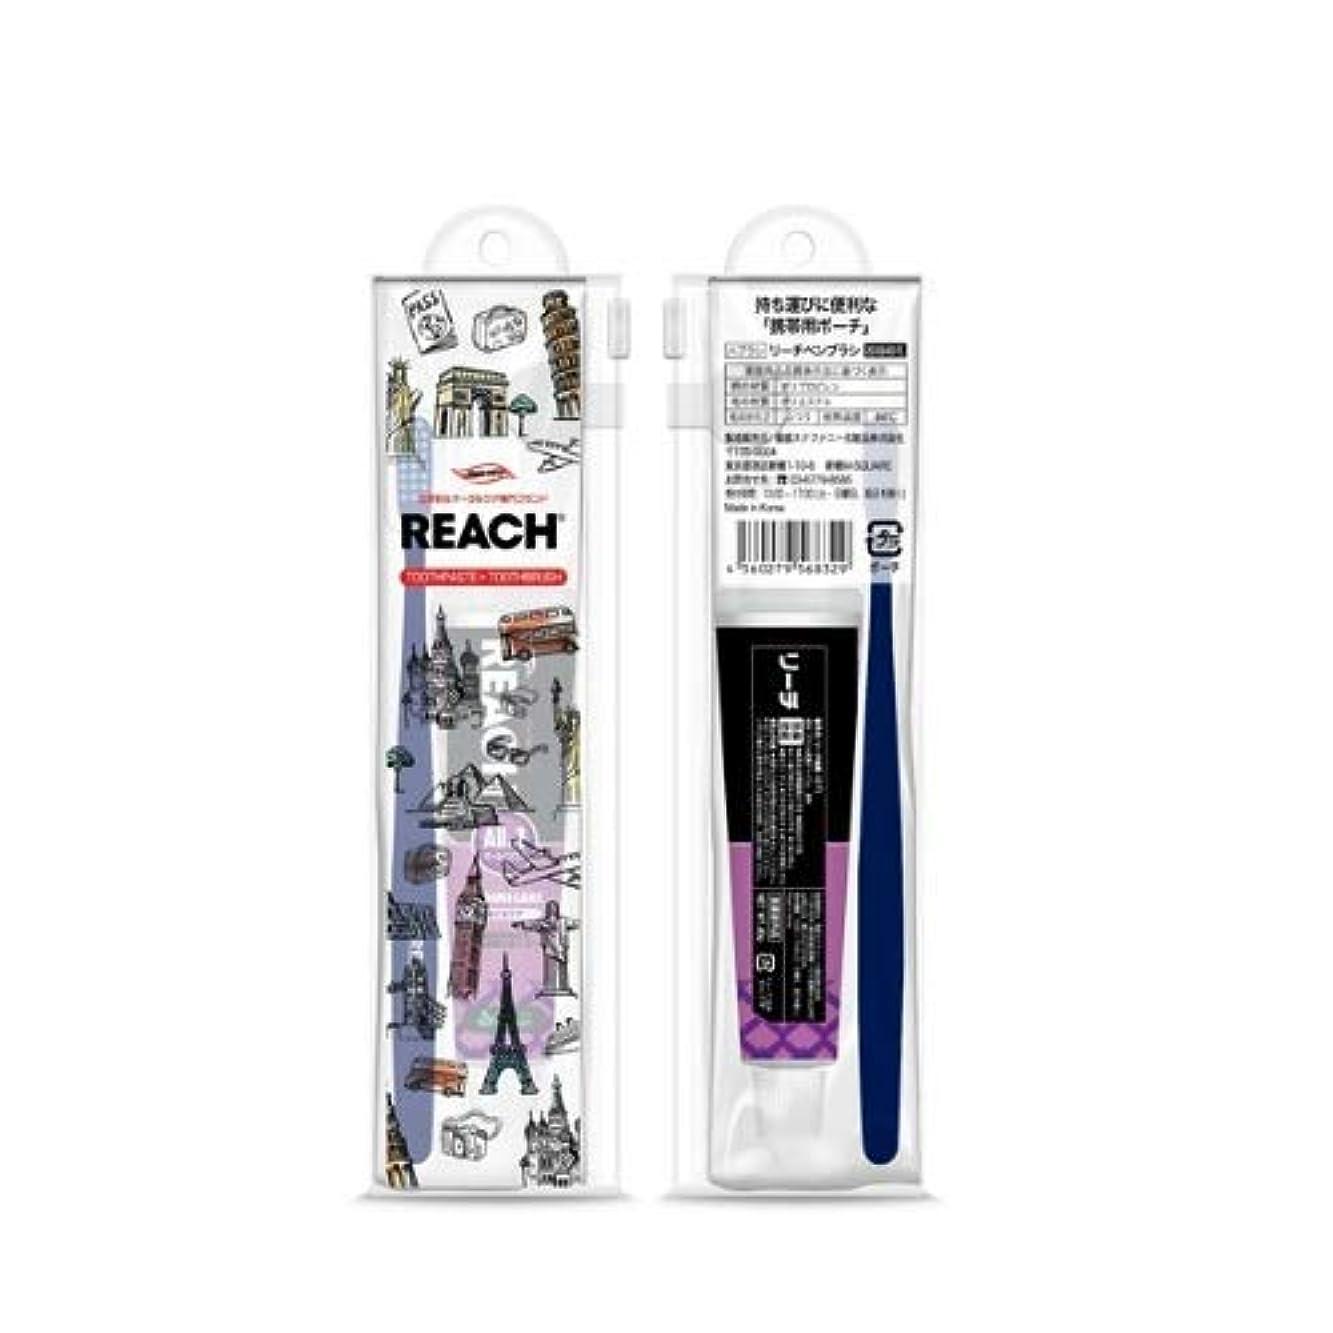 国歌エミュレーションピッチリーチトラベルセット(デンタル歯ブラシ1本?薬用歯みがき40g) × 6個セット